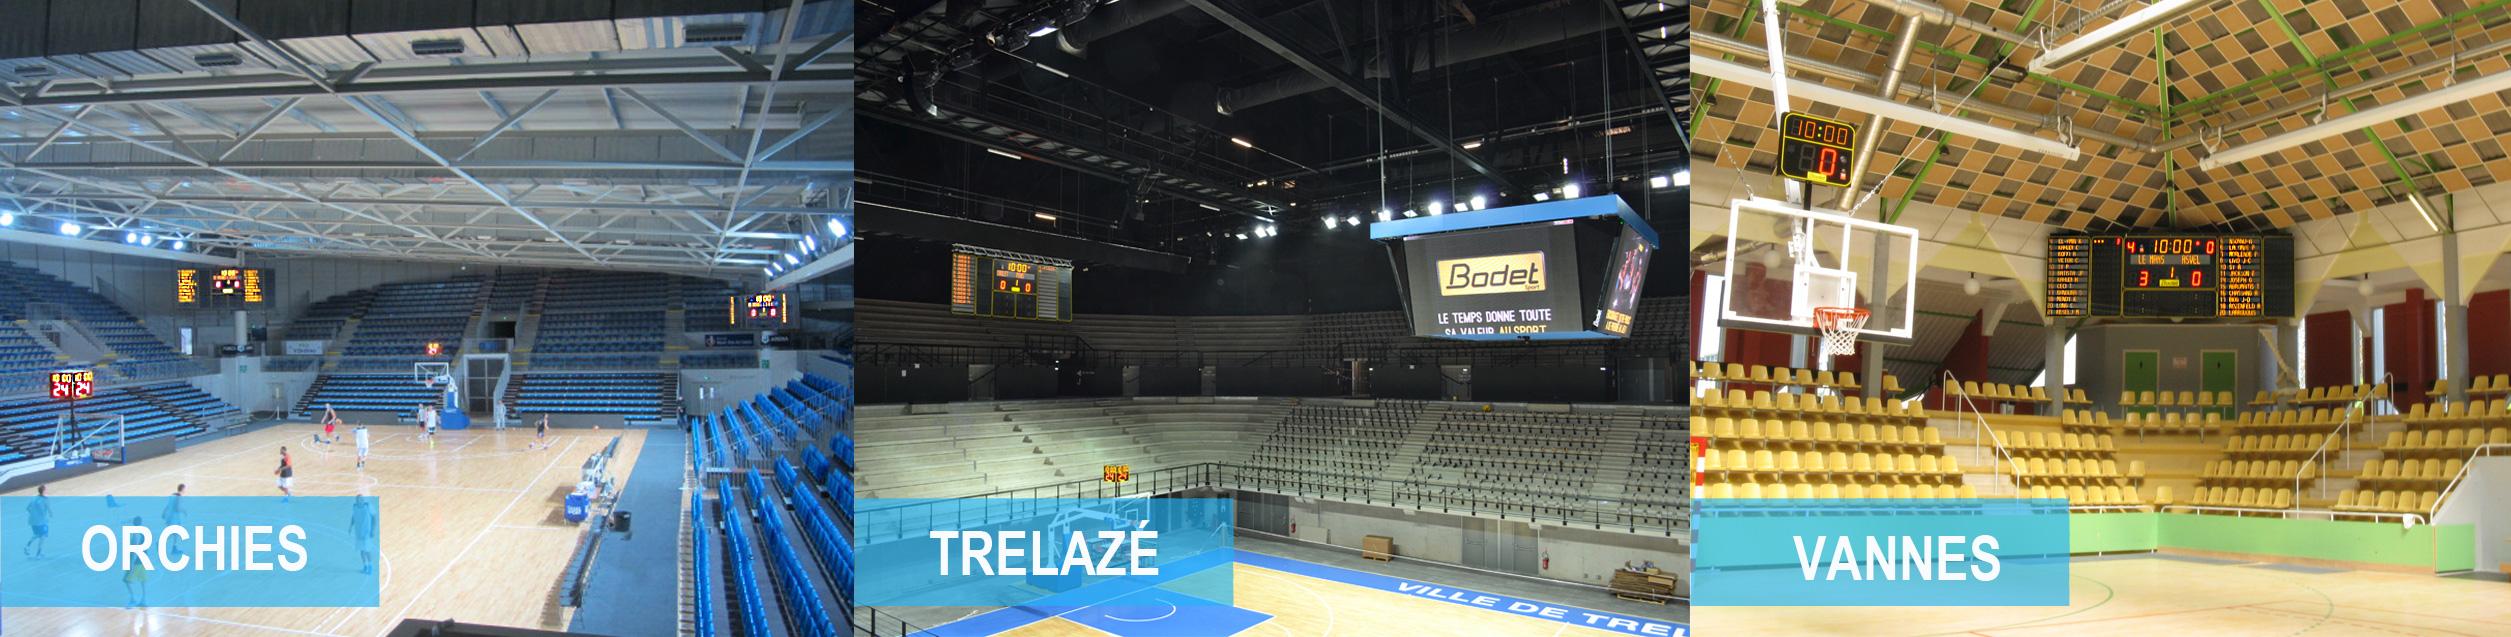 euro basket 2013